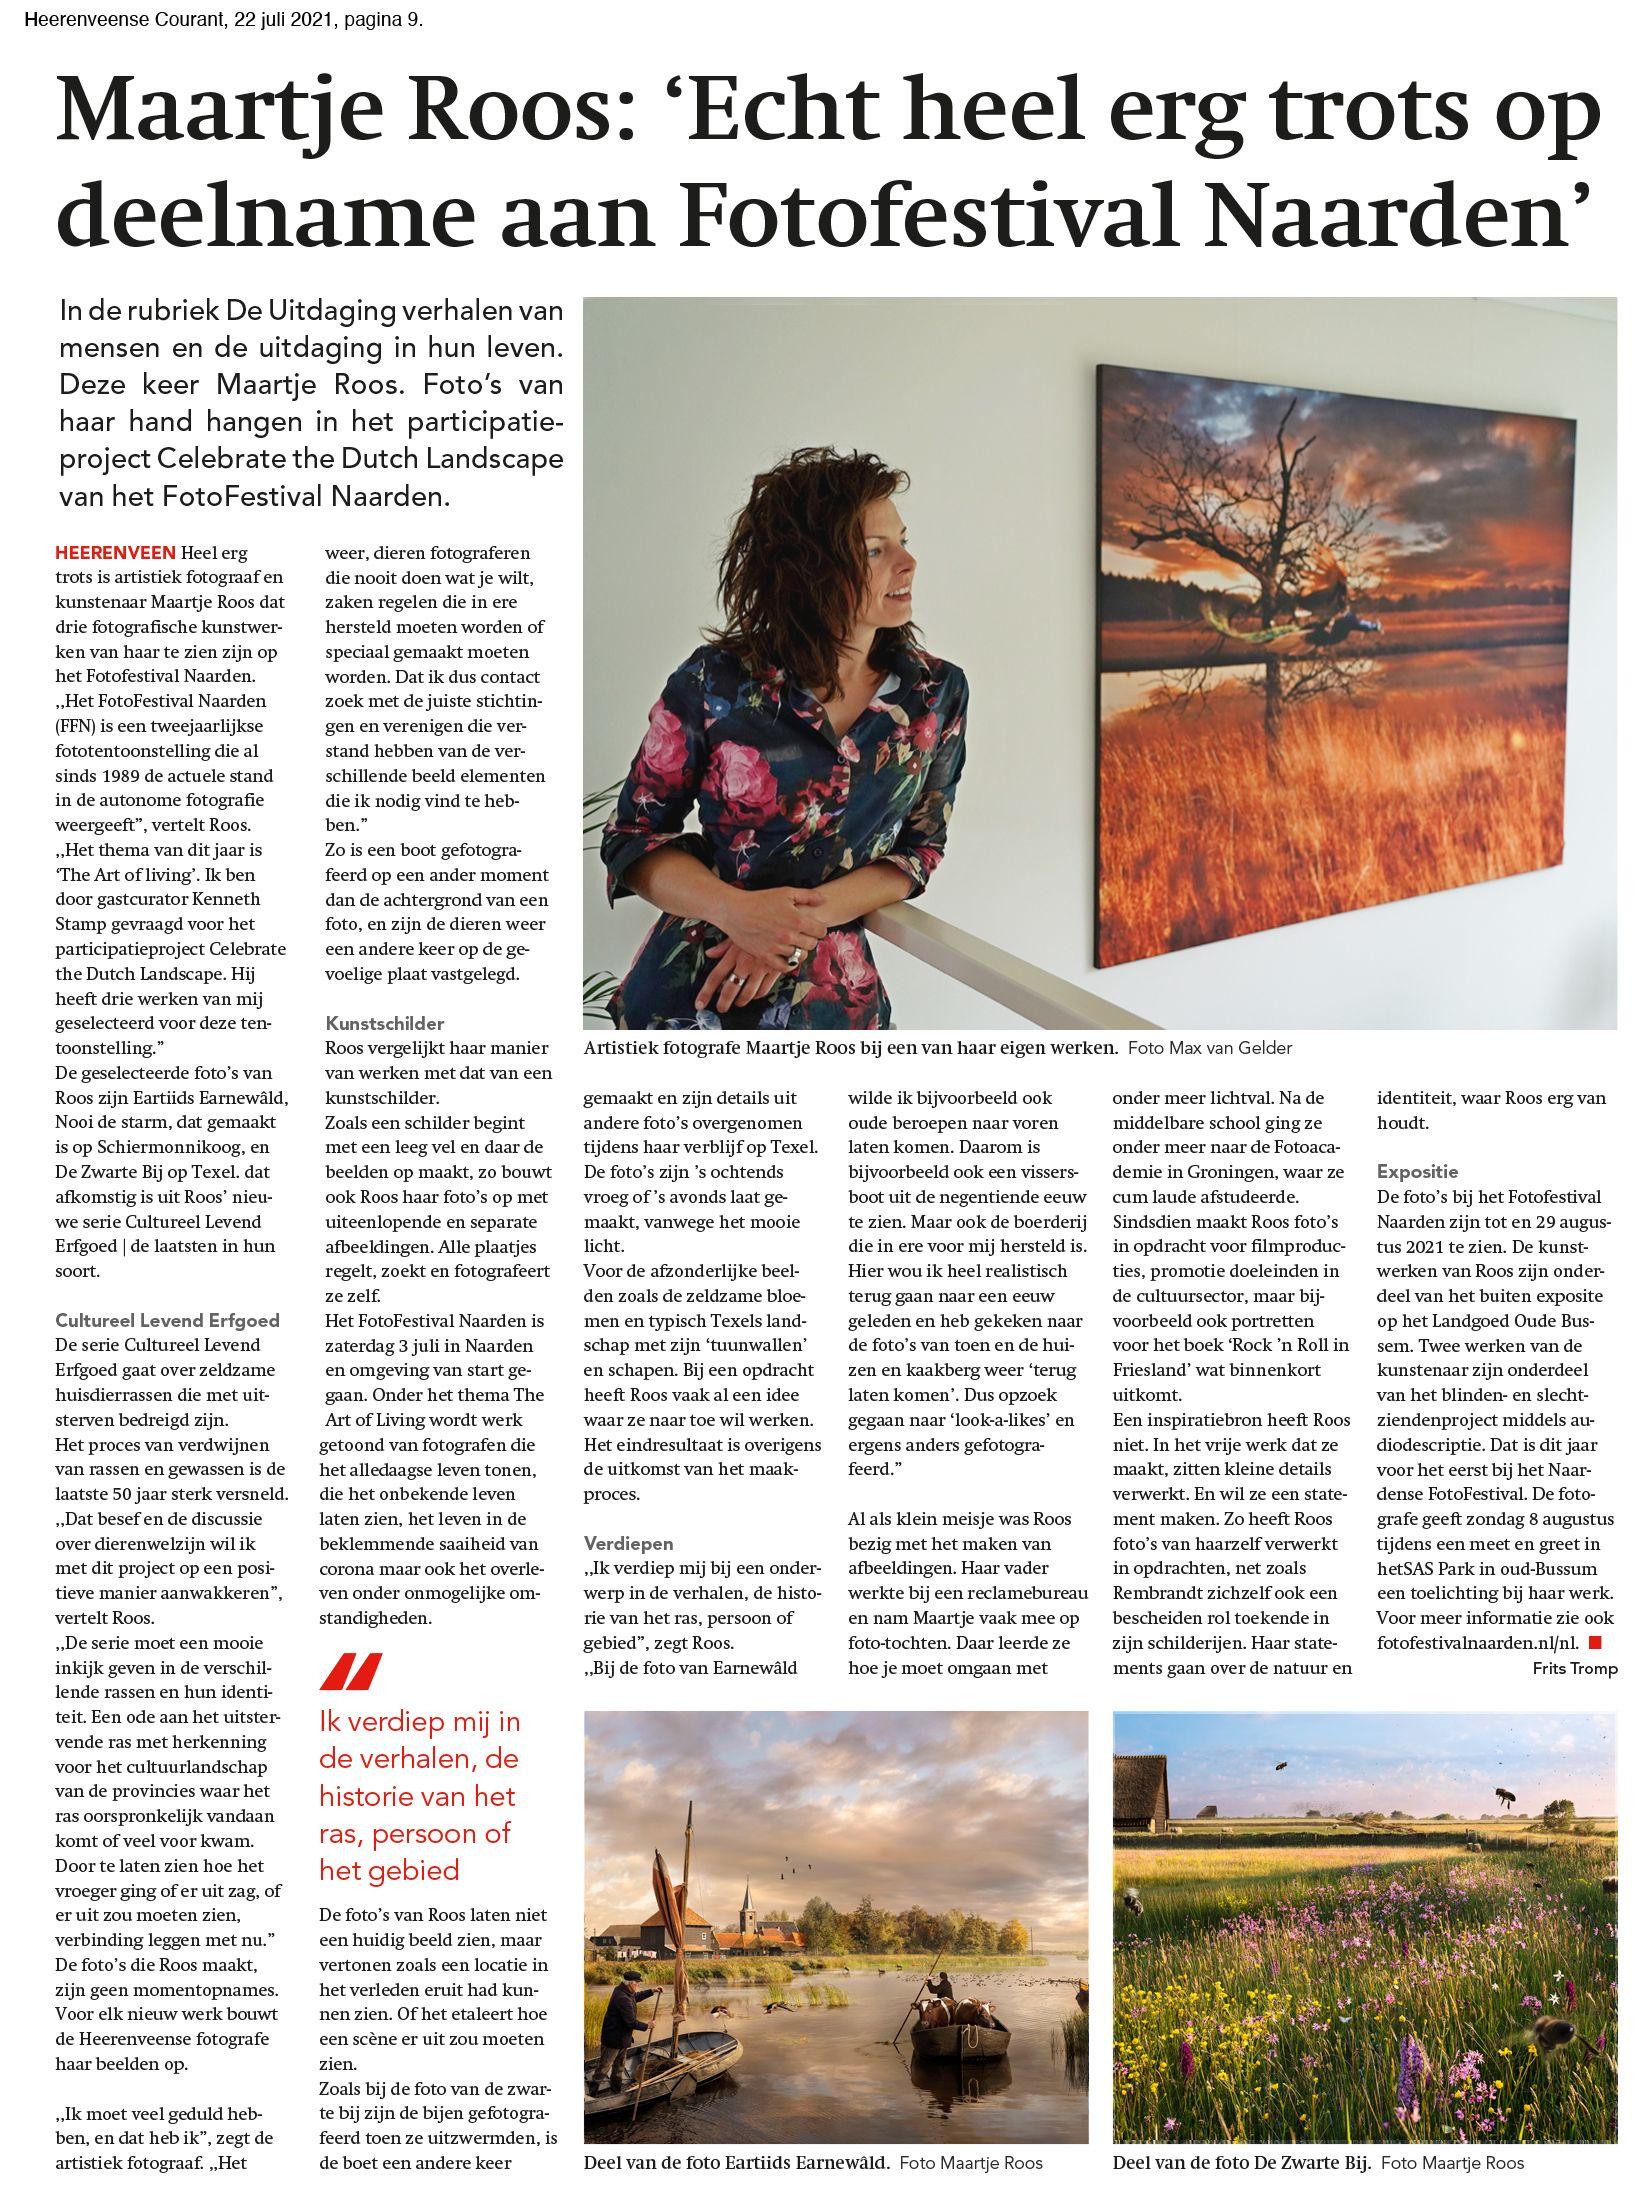 Heerenveense Courant Interview De Uitdaging